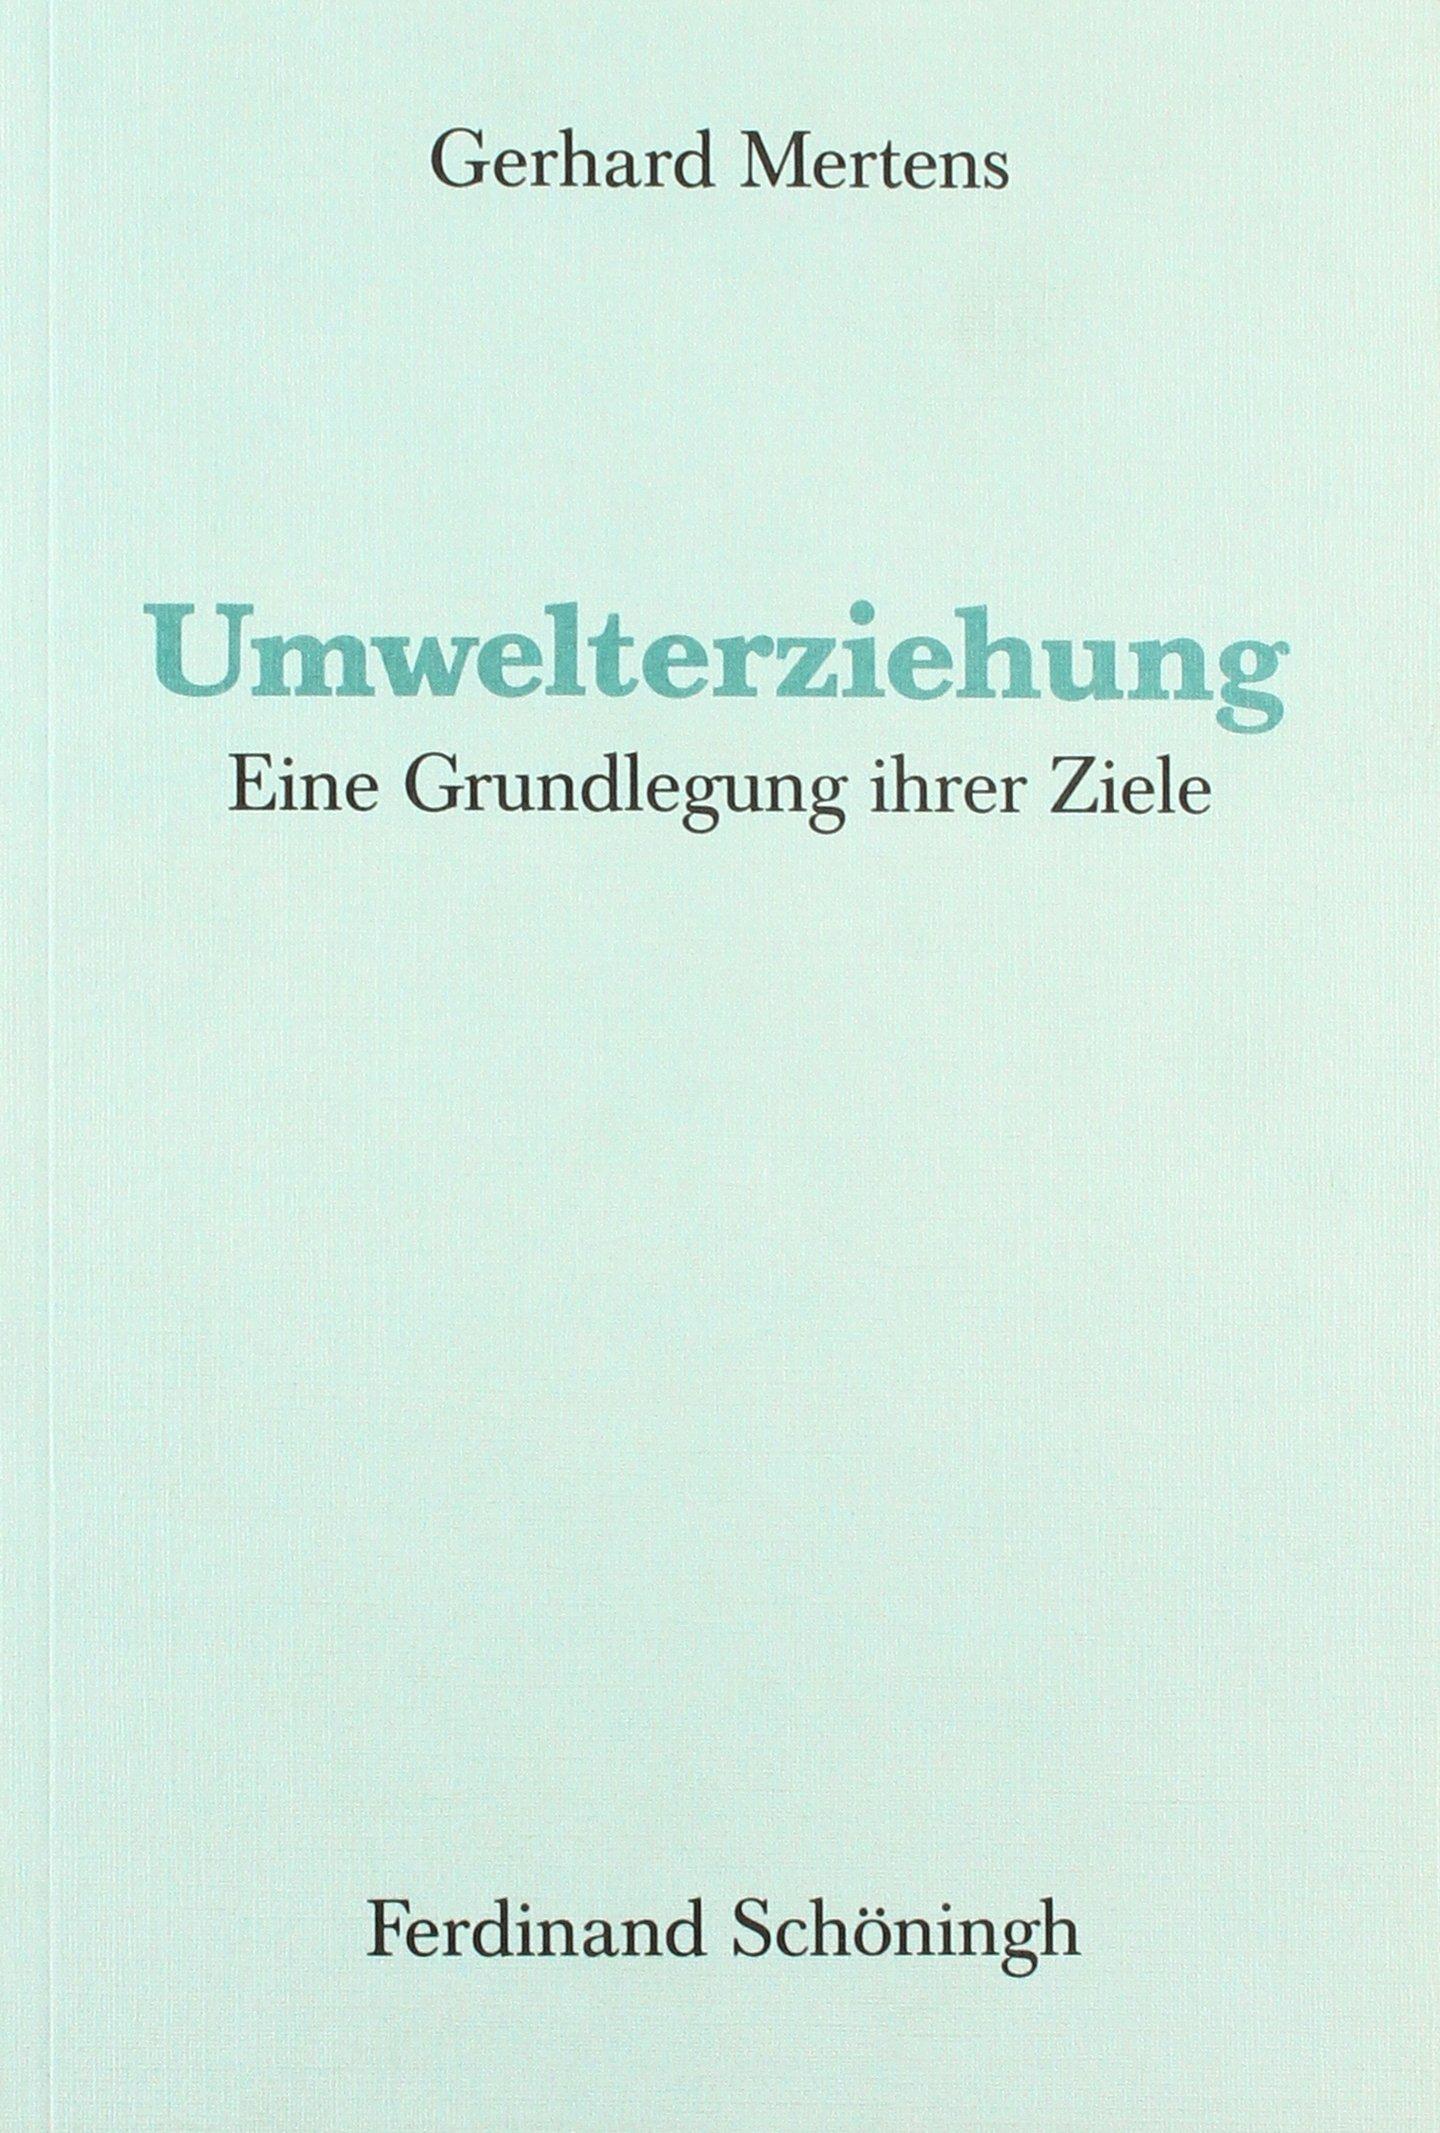 Umwelterziehung. Eine Grundlegung ihrer Ziele Taschenbuch – 1. Januar 1999 Gerhard Mertens Verlag Ferdinand Schöningh 3506755064 Bildung